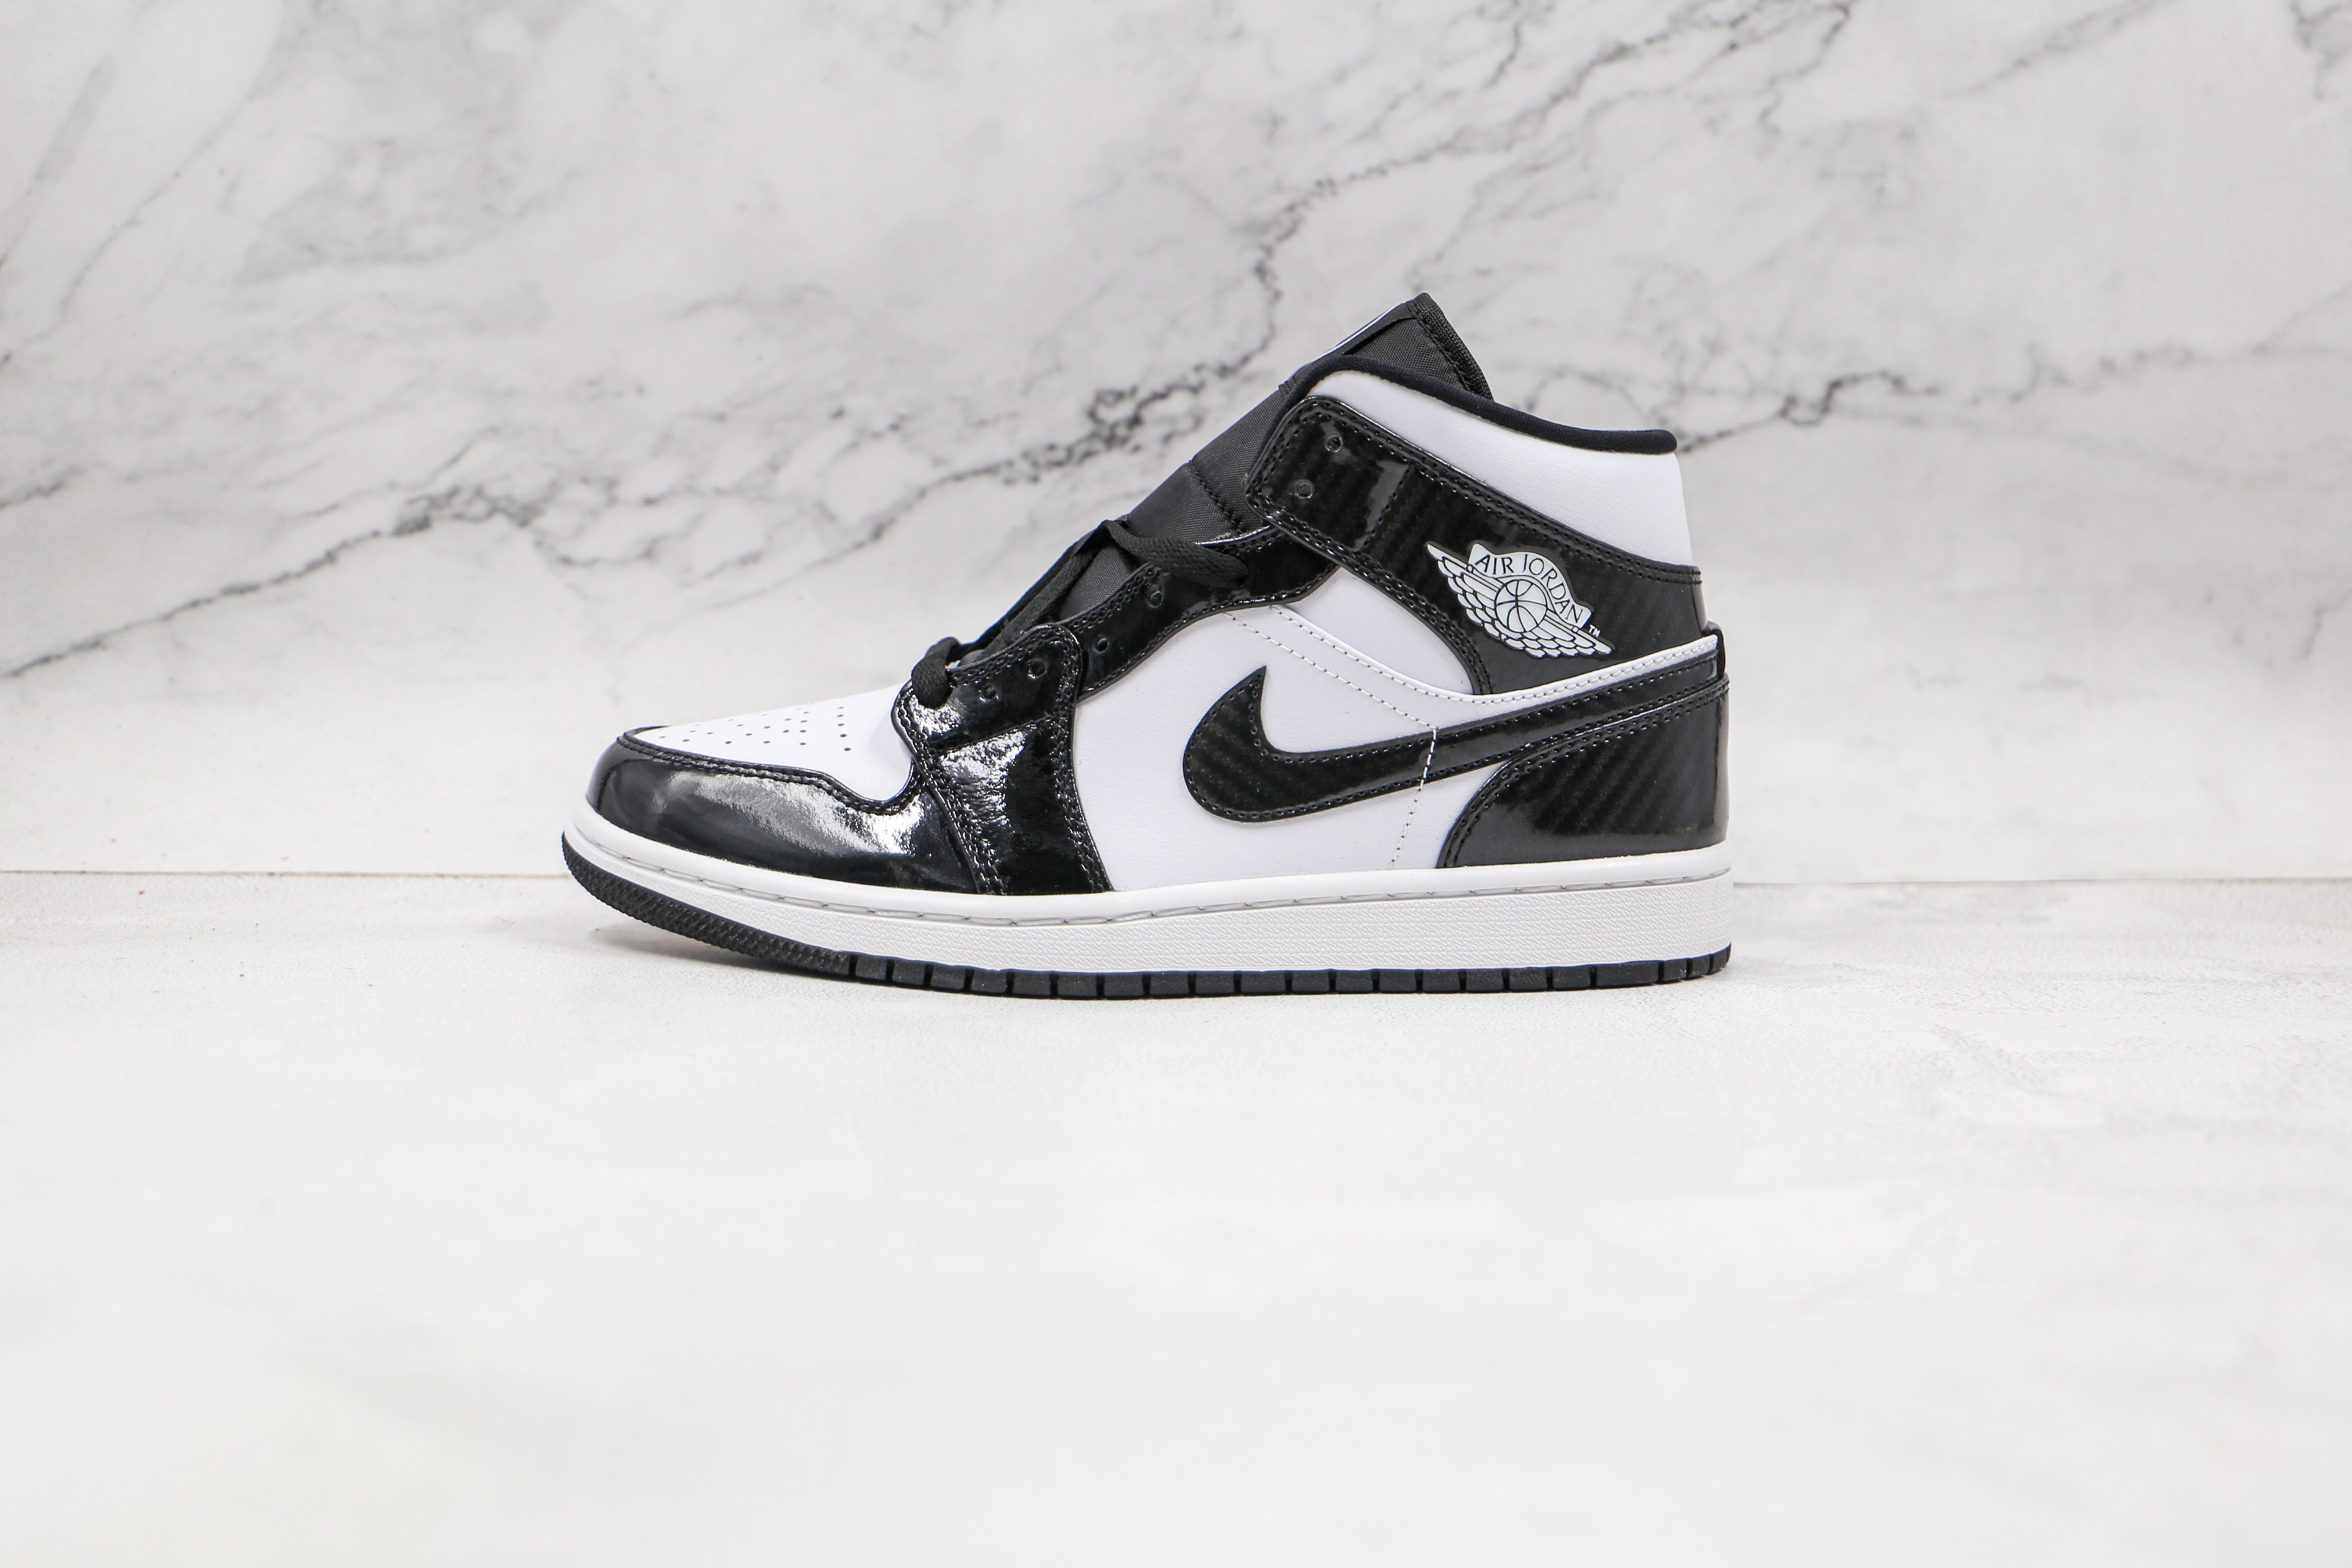 过验版 头层 AJ1  中帮 黑白漆皮  Air Jordan 1 Mid AJ1乔1中帮文化篮球鞋  全新私人独立订单     J21